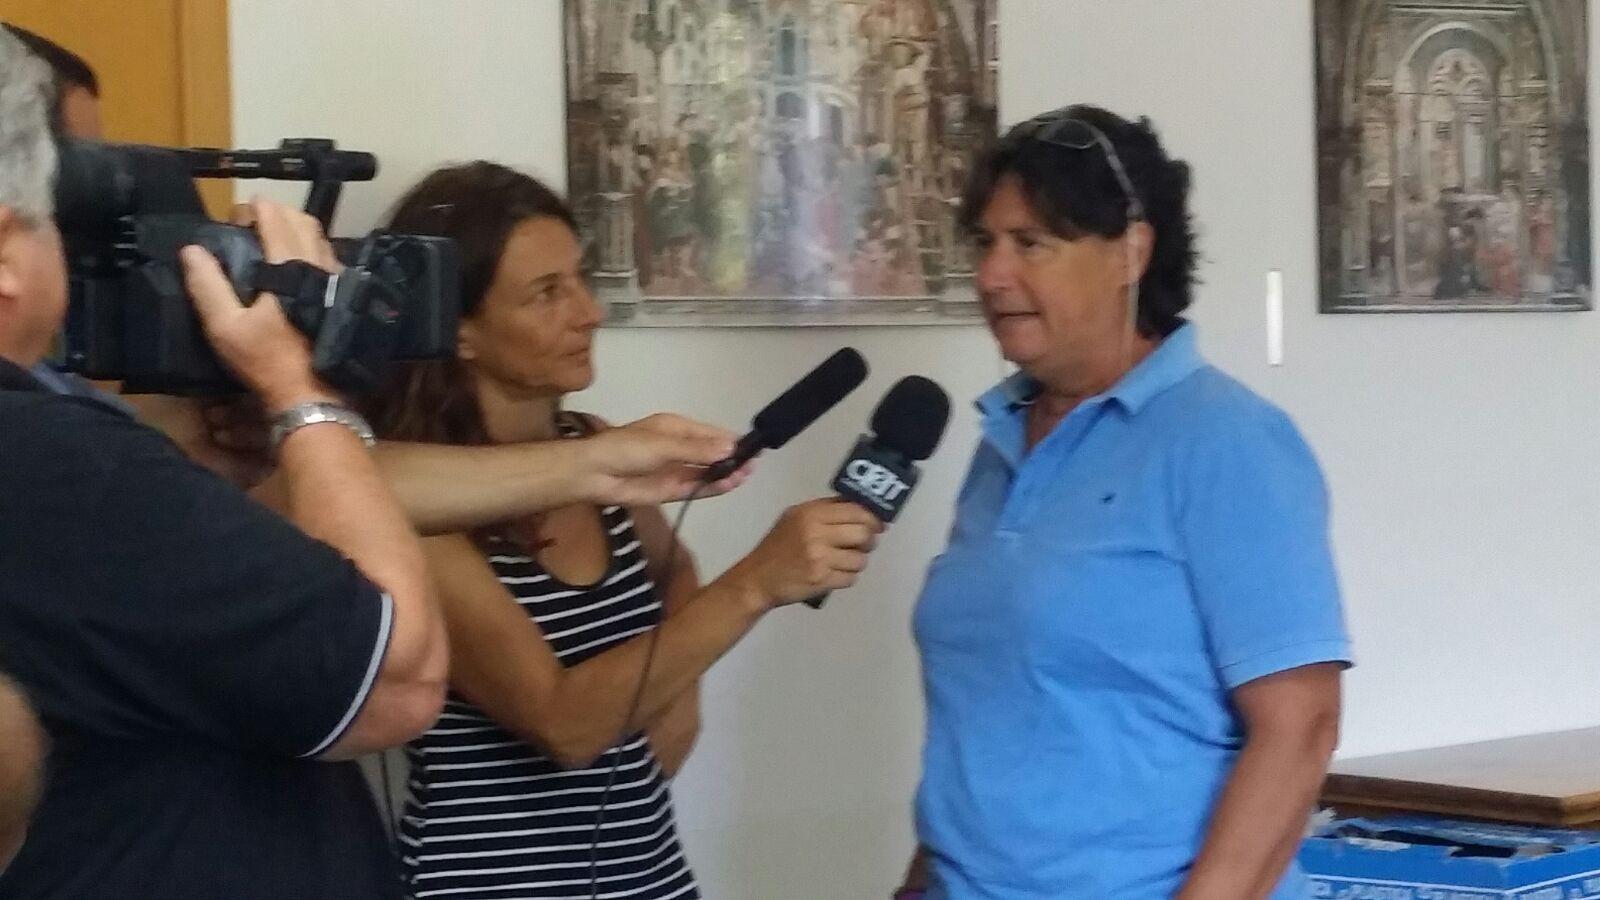 Assessore Regionale al Diritto alla Salute Stefania Saccardi